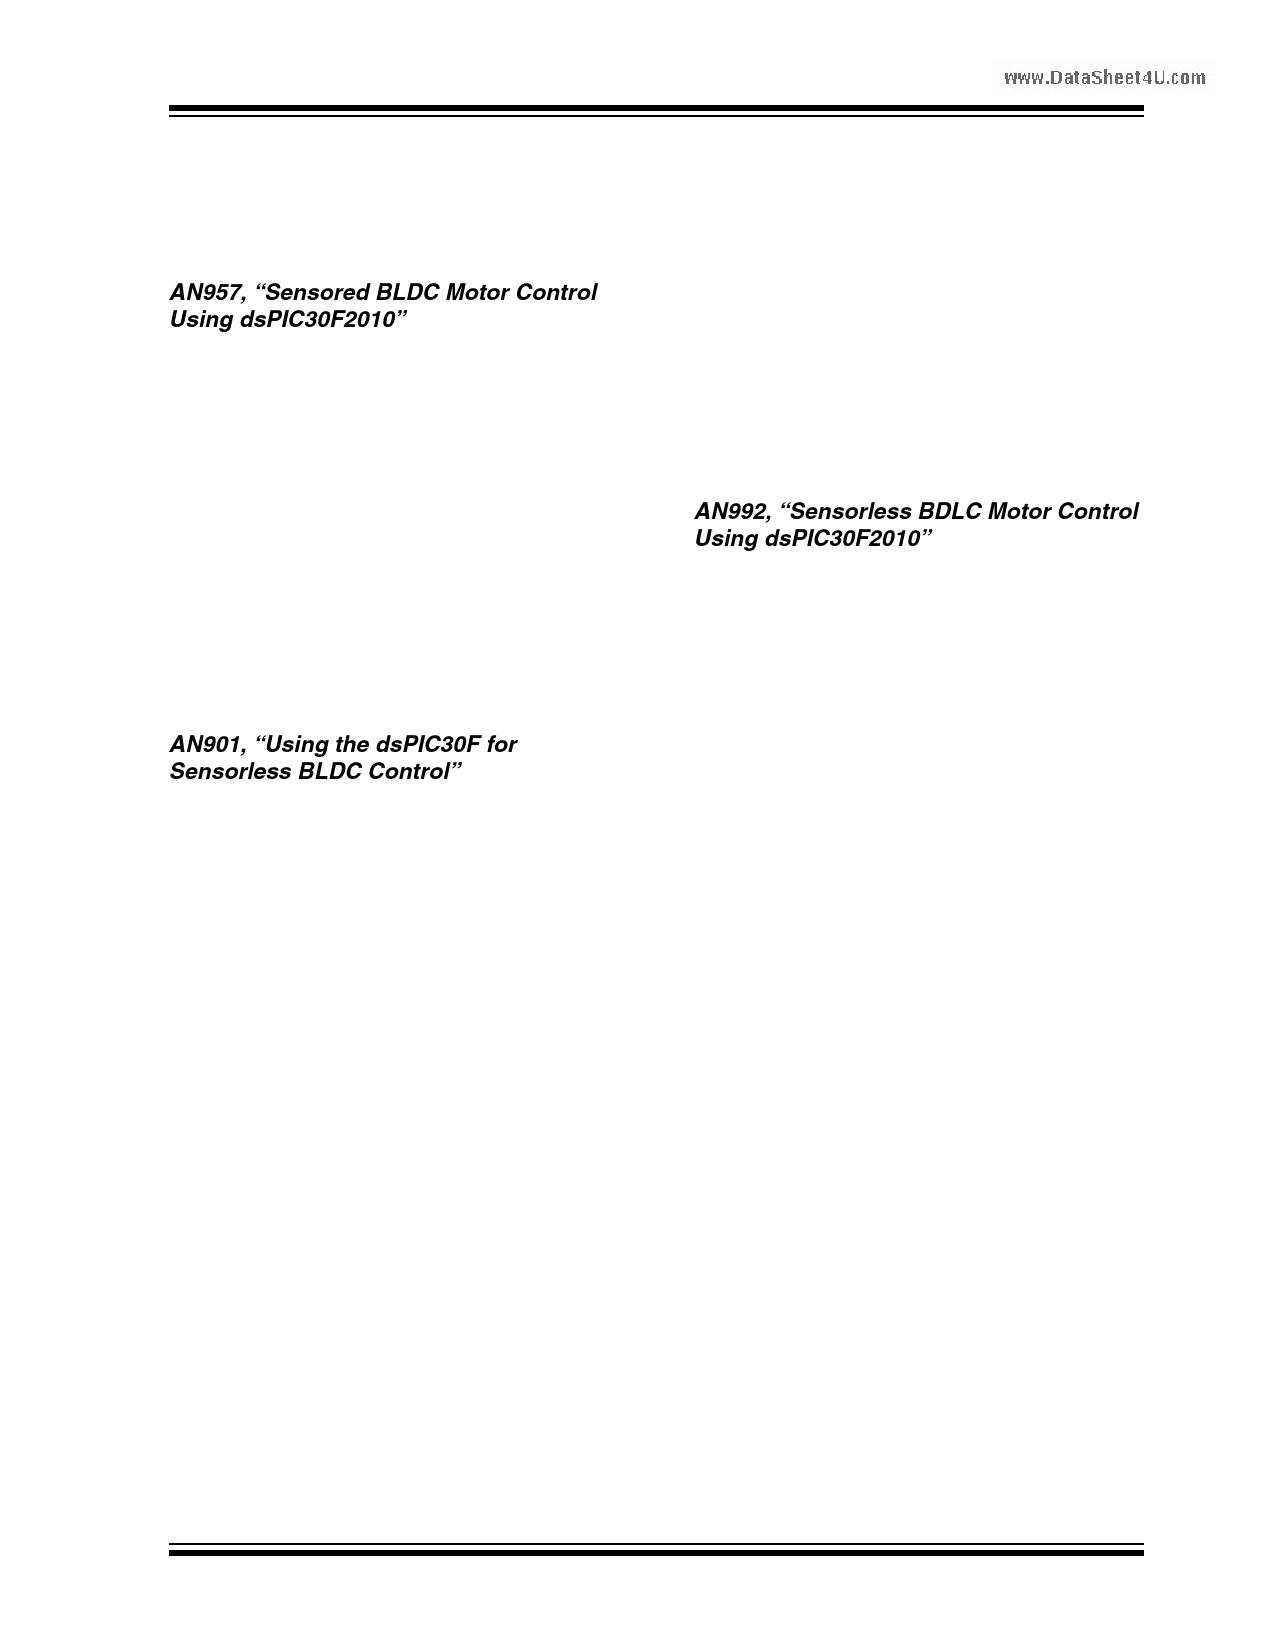 GS001 pdf, ピン配列